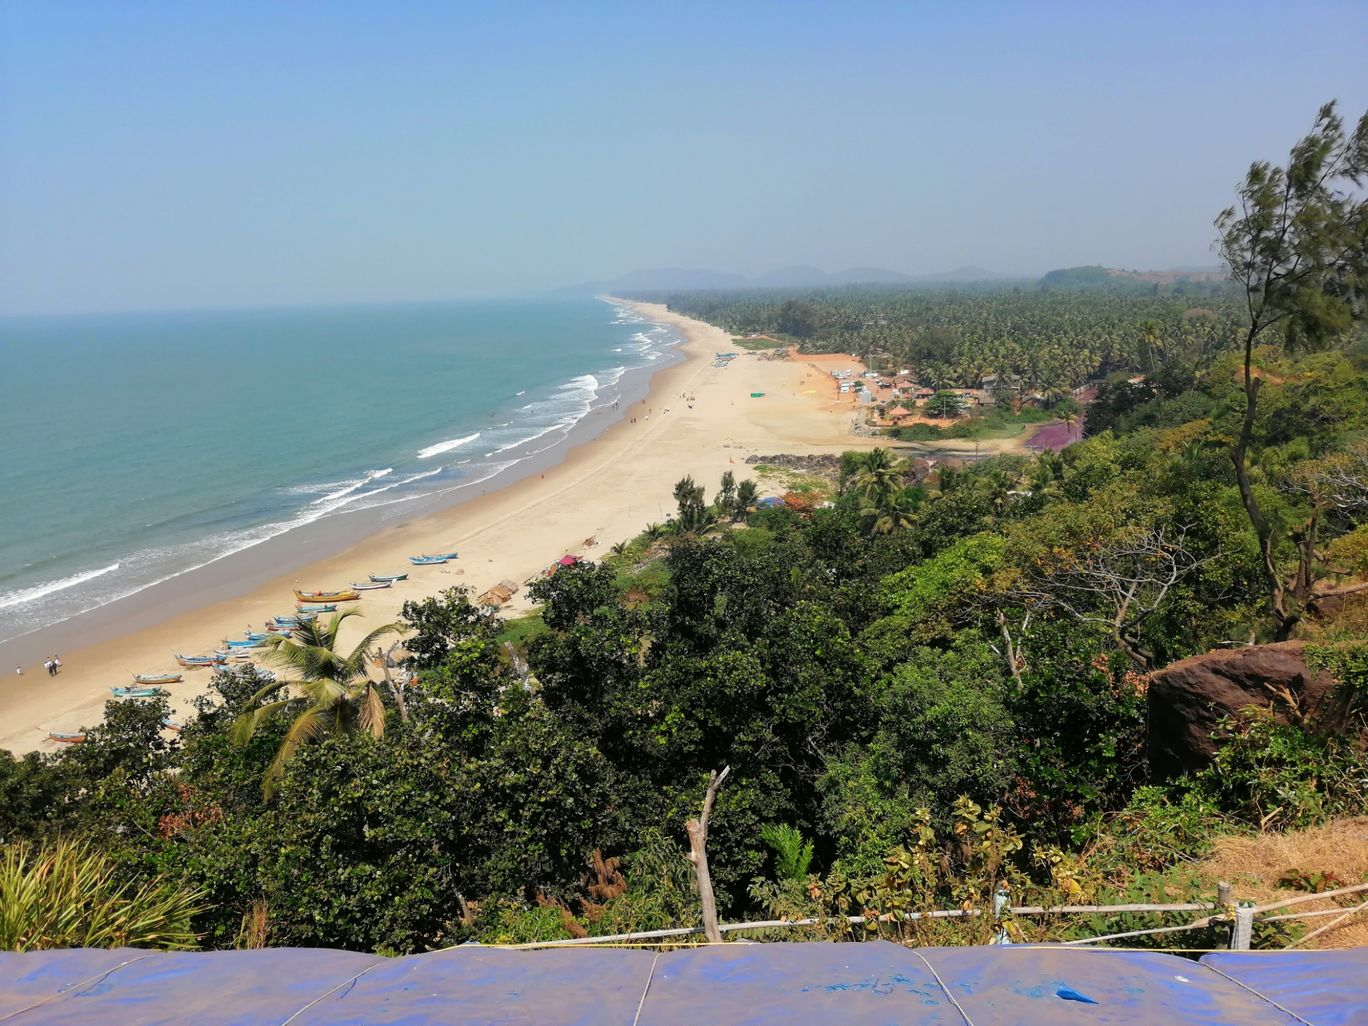 Photo of Gokarna Main Beach By Ganesh Bhat